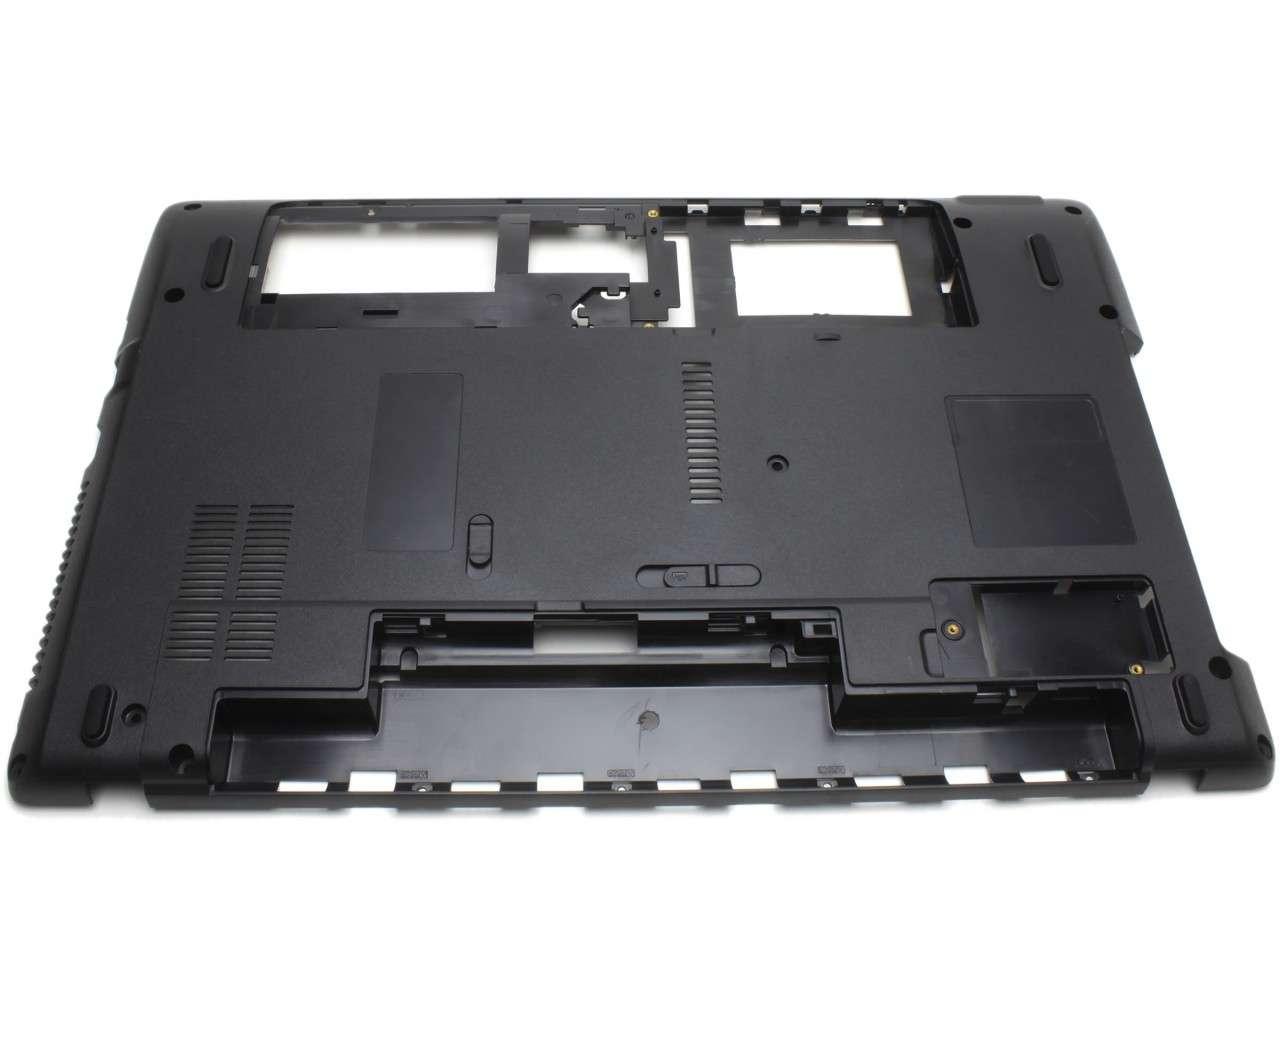 Bottom Case Emachines E729 Carcasa Inferioara cu codul AP0FO0007000 imagine powerlaptop.ro 2021